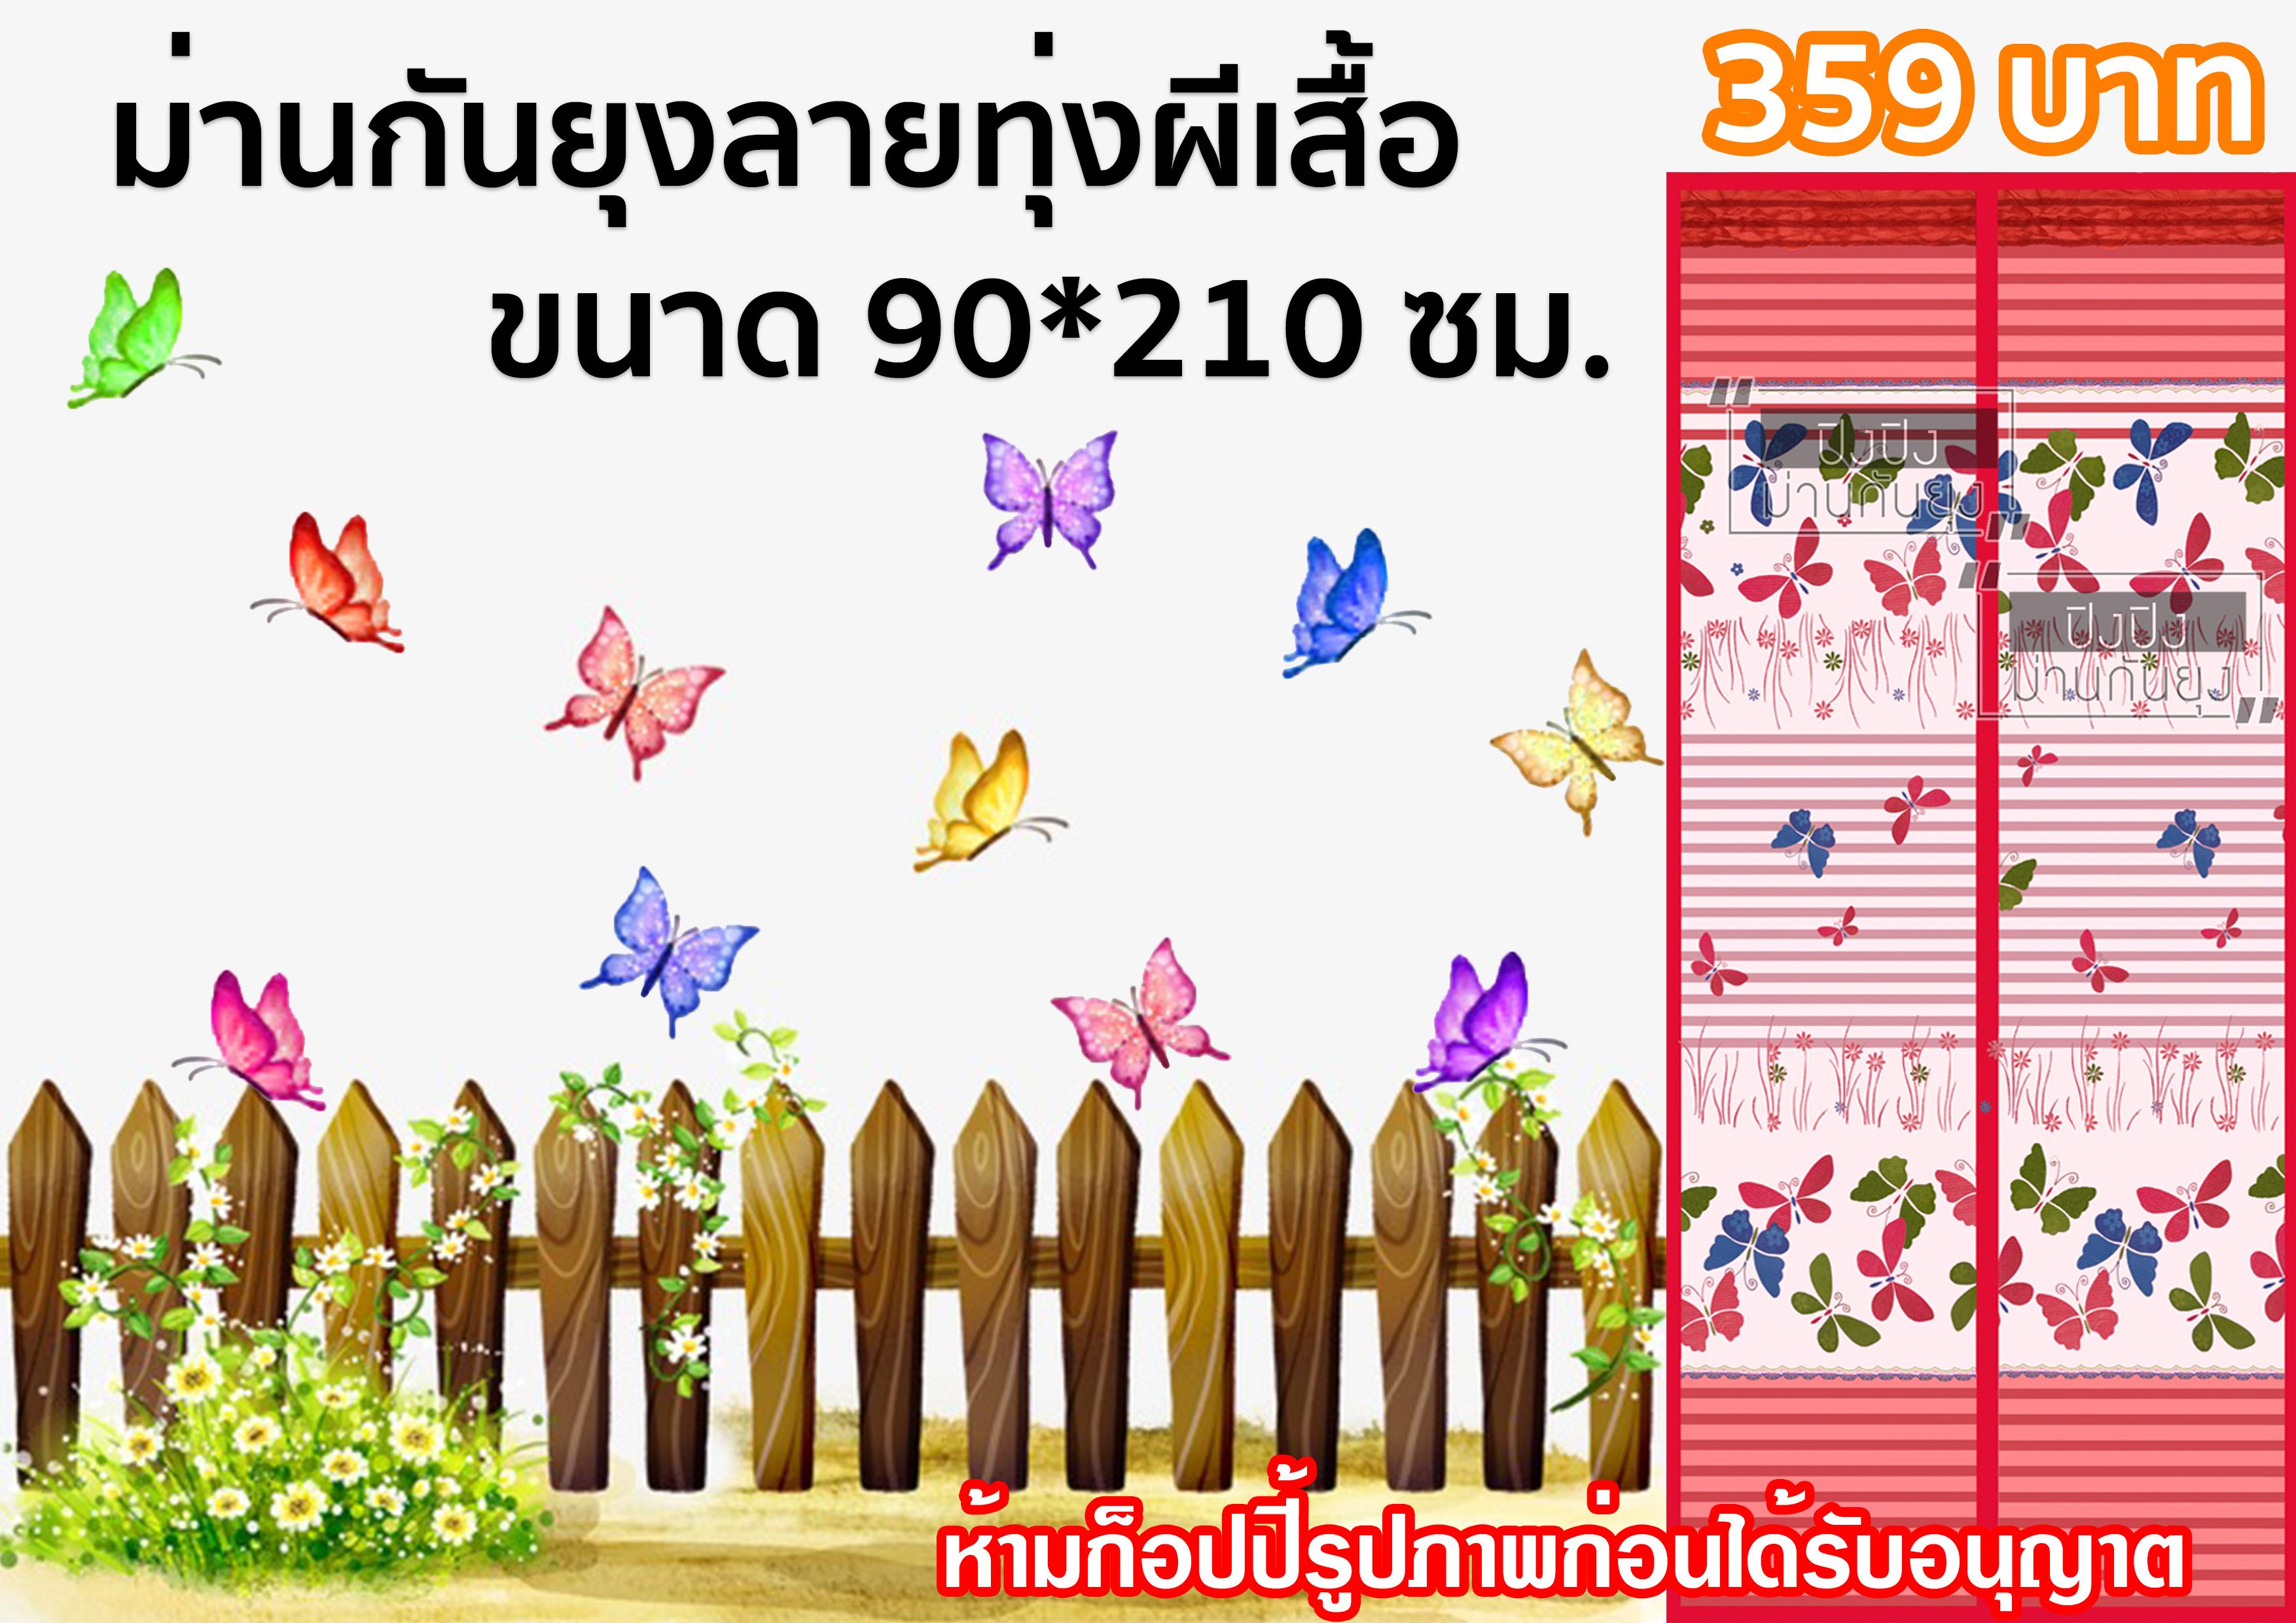 ม่านกันยุงลายทุ่งผีเสื้อ สีชมพู ขนาด90*210